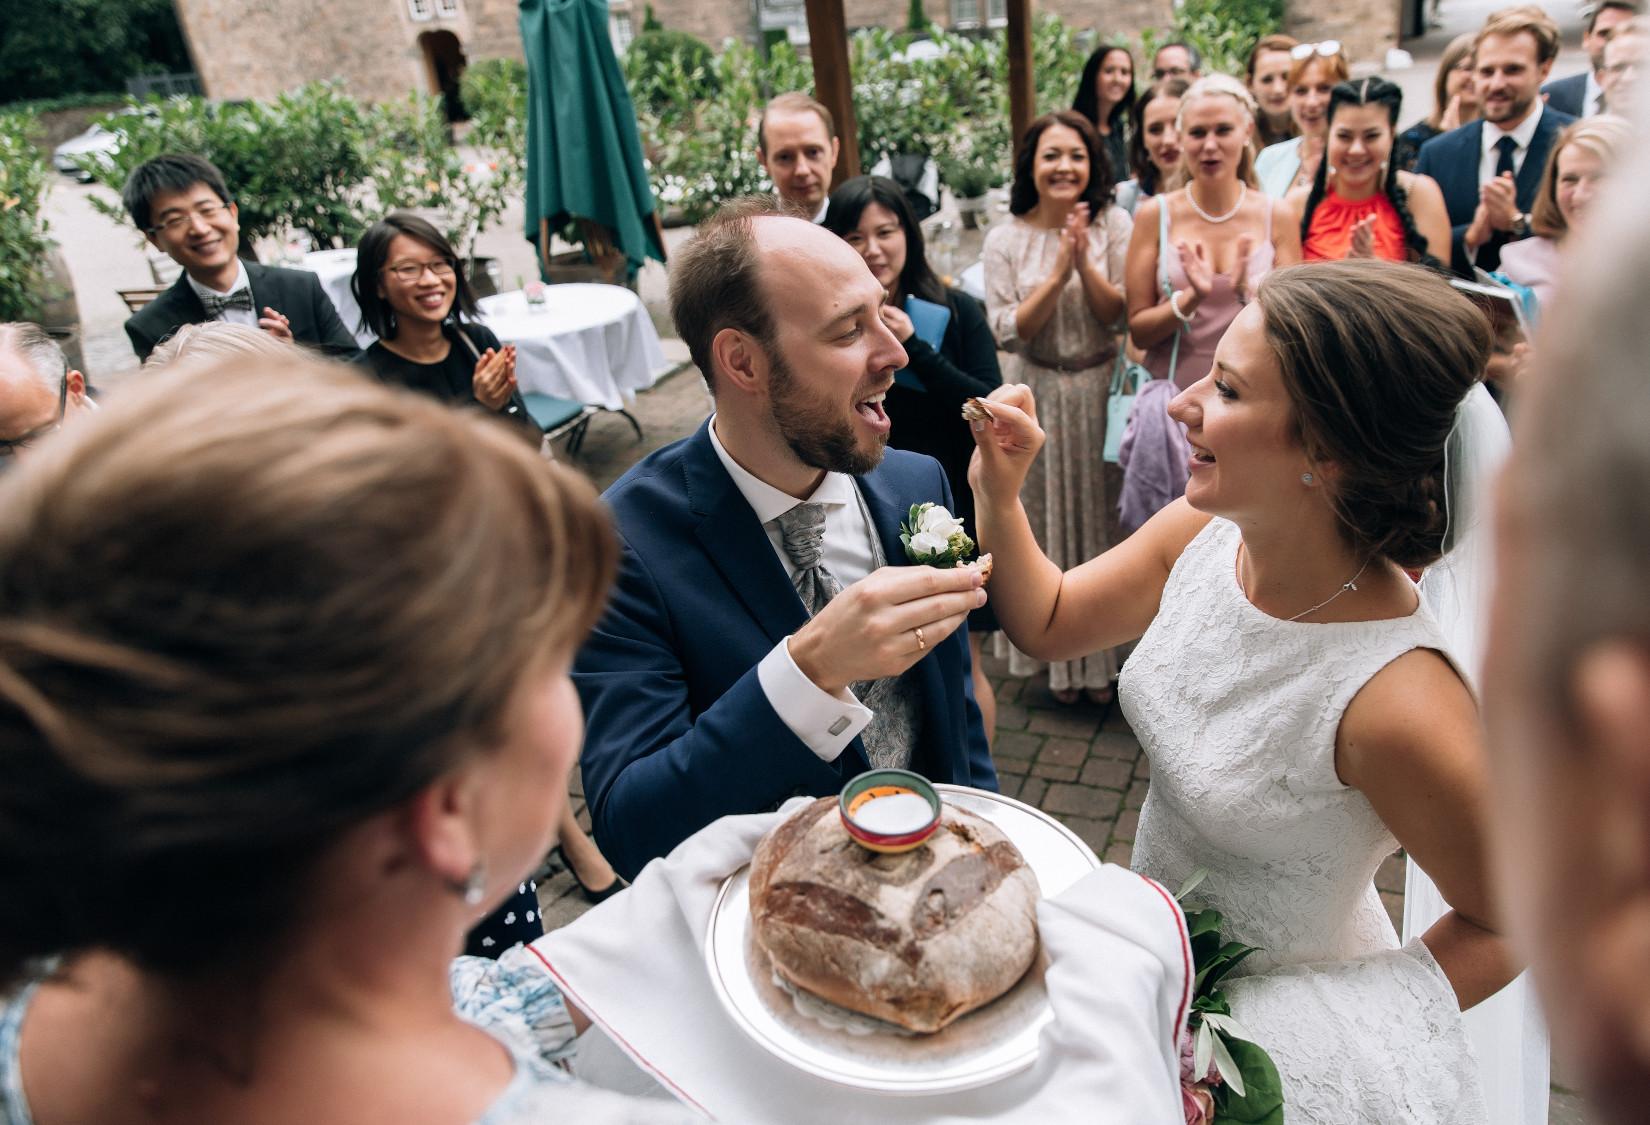 Hochzeitstraditionen In Der Slowakei Rituale Und Brauche Einer